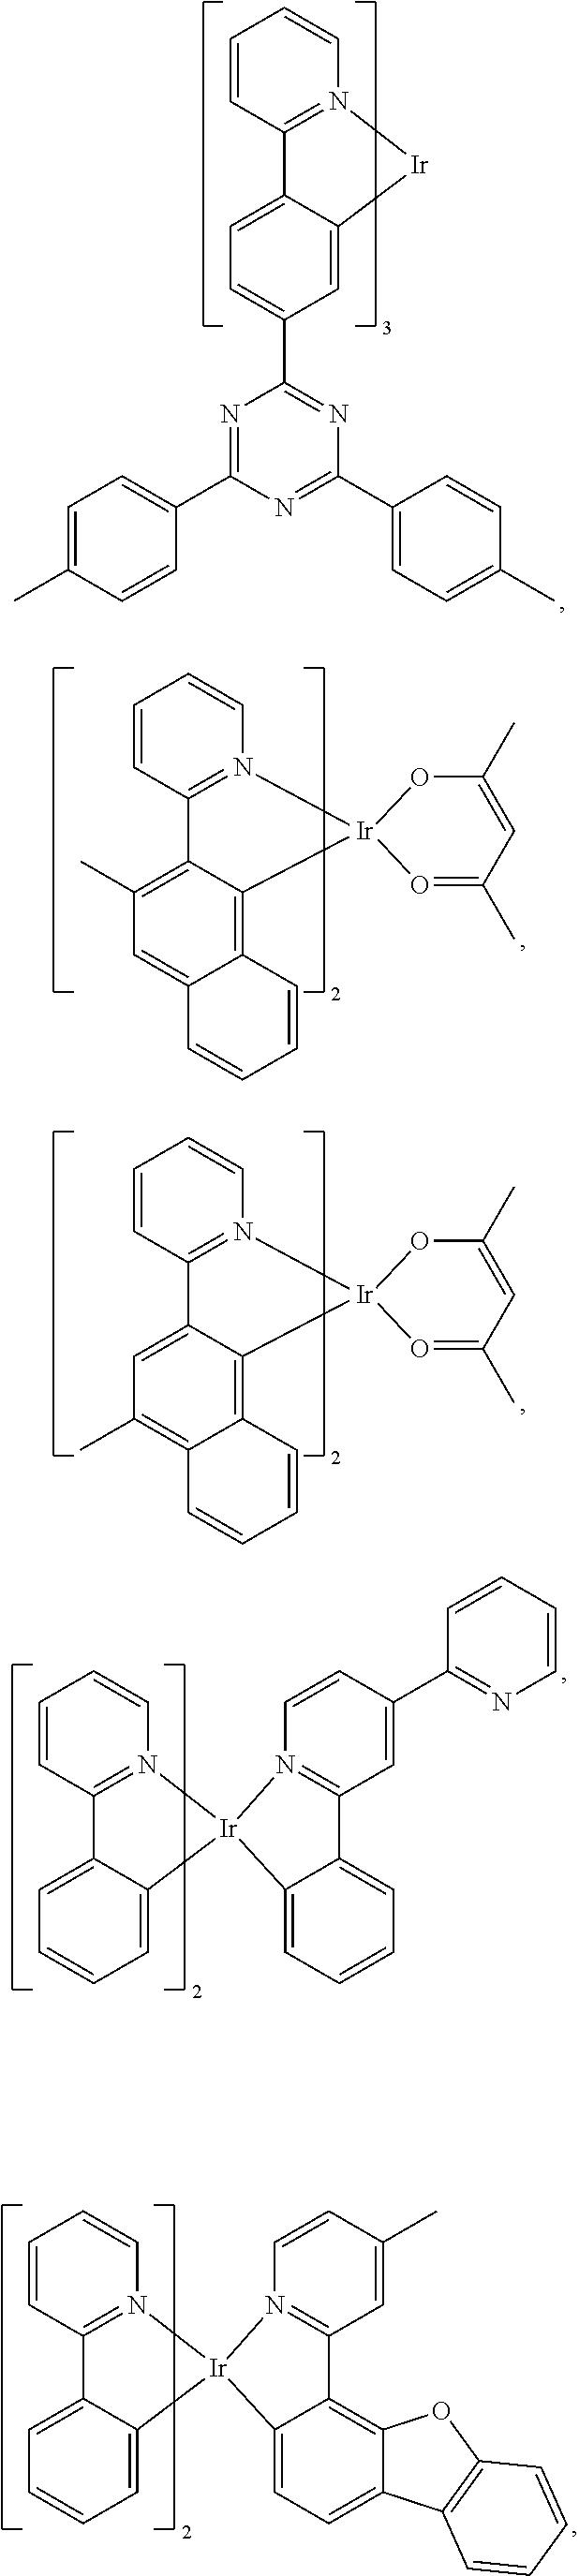 Figure US09929360-20180327-C00167